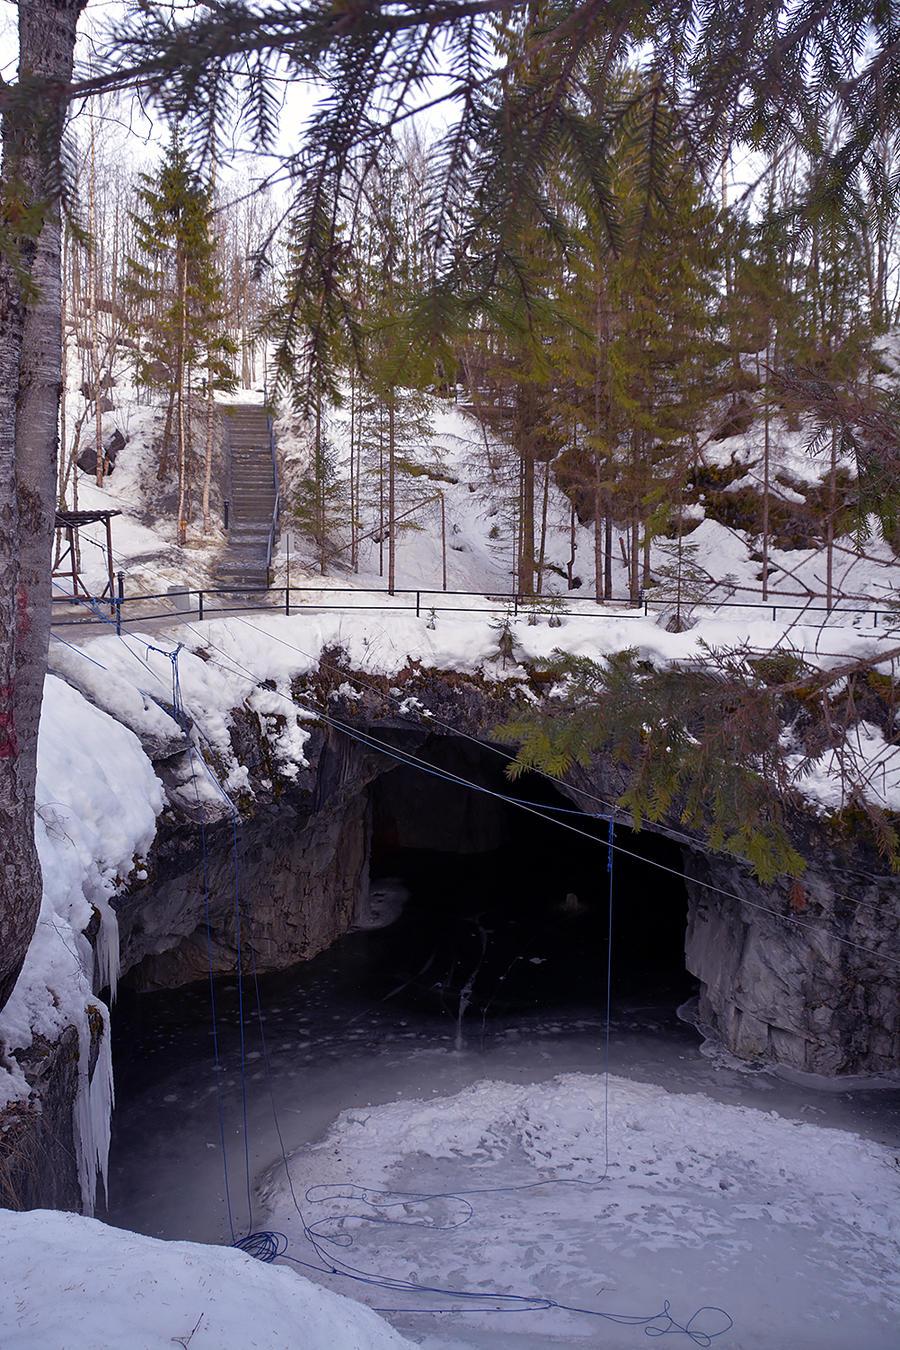 17. А если поспешить обратно, нагнать свою группу получится как раз около этой пещеры.